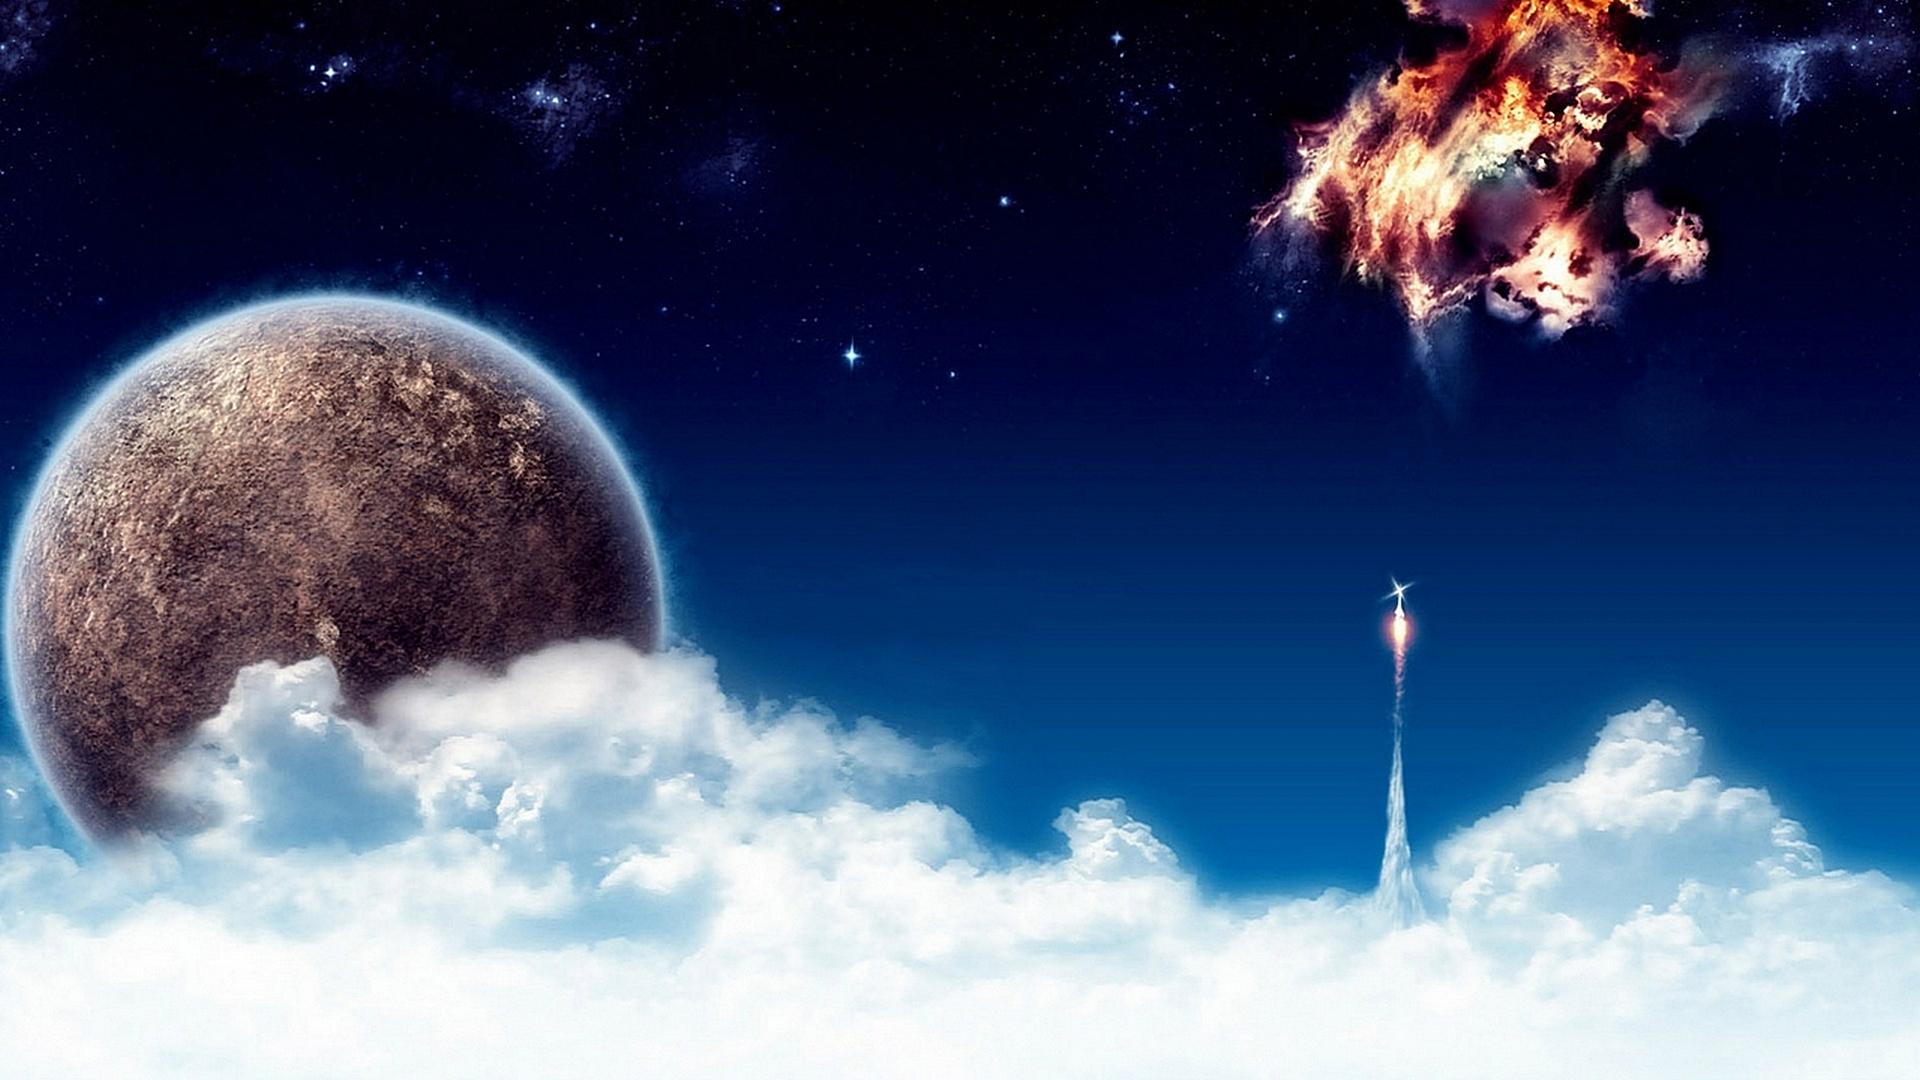 Обои Космические прасторы картинки на рабочий стол на тему Космос — скачать загрузить